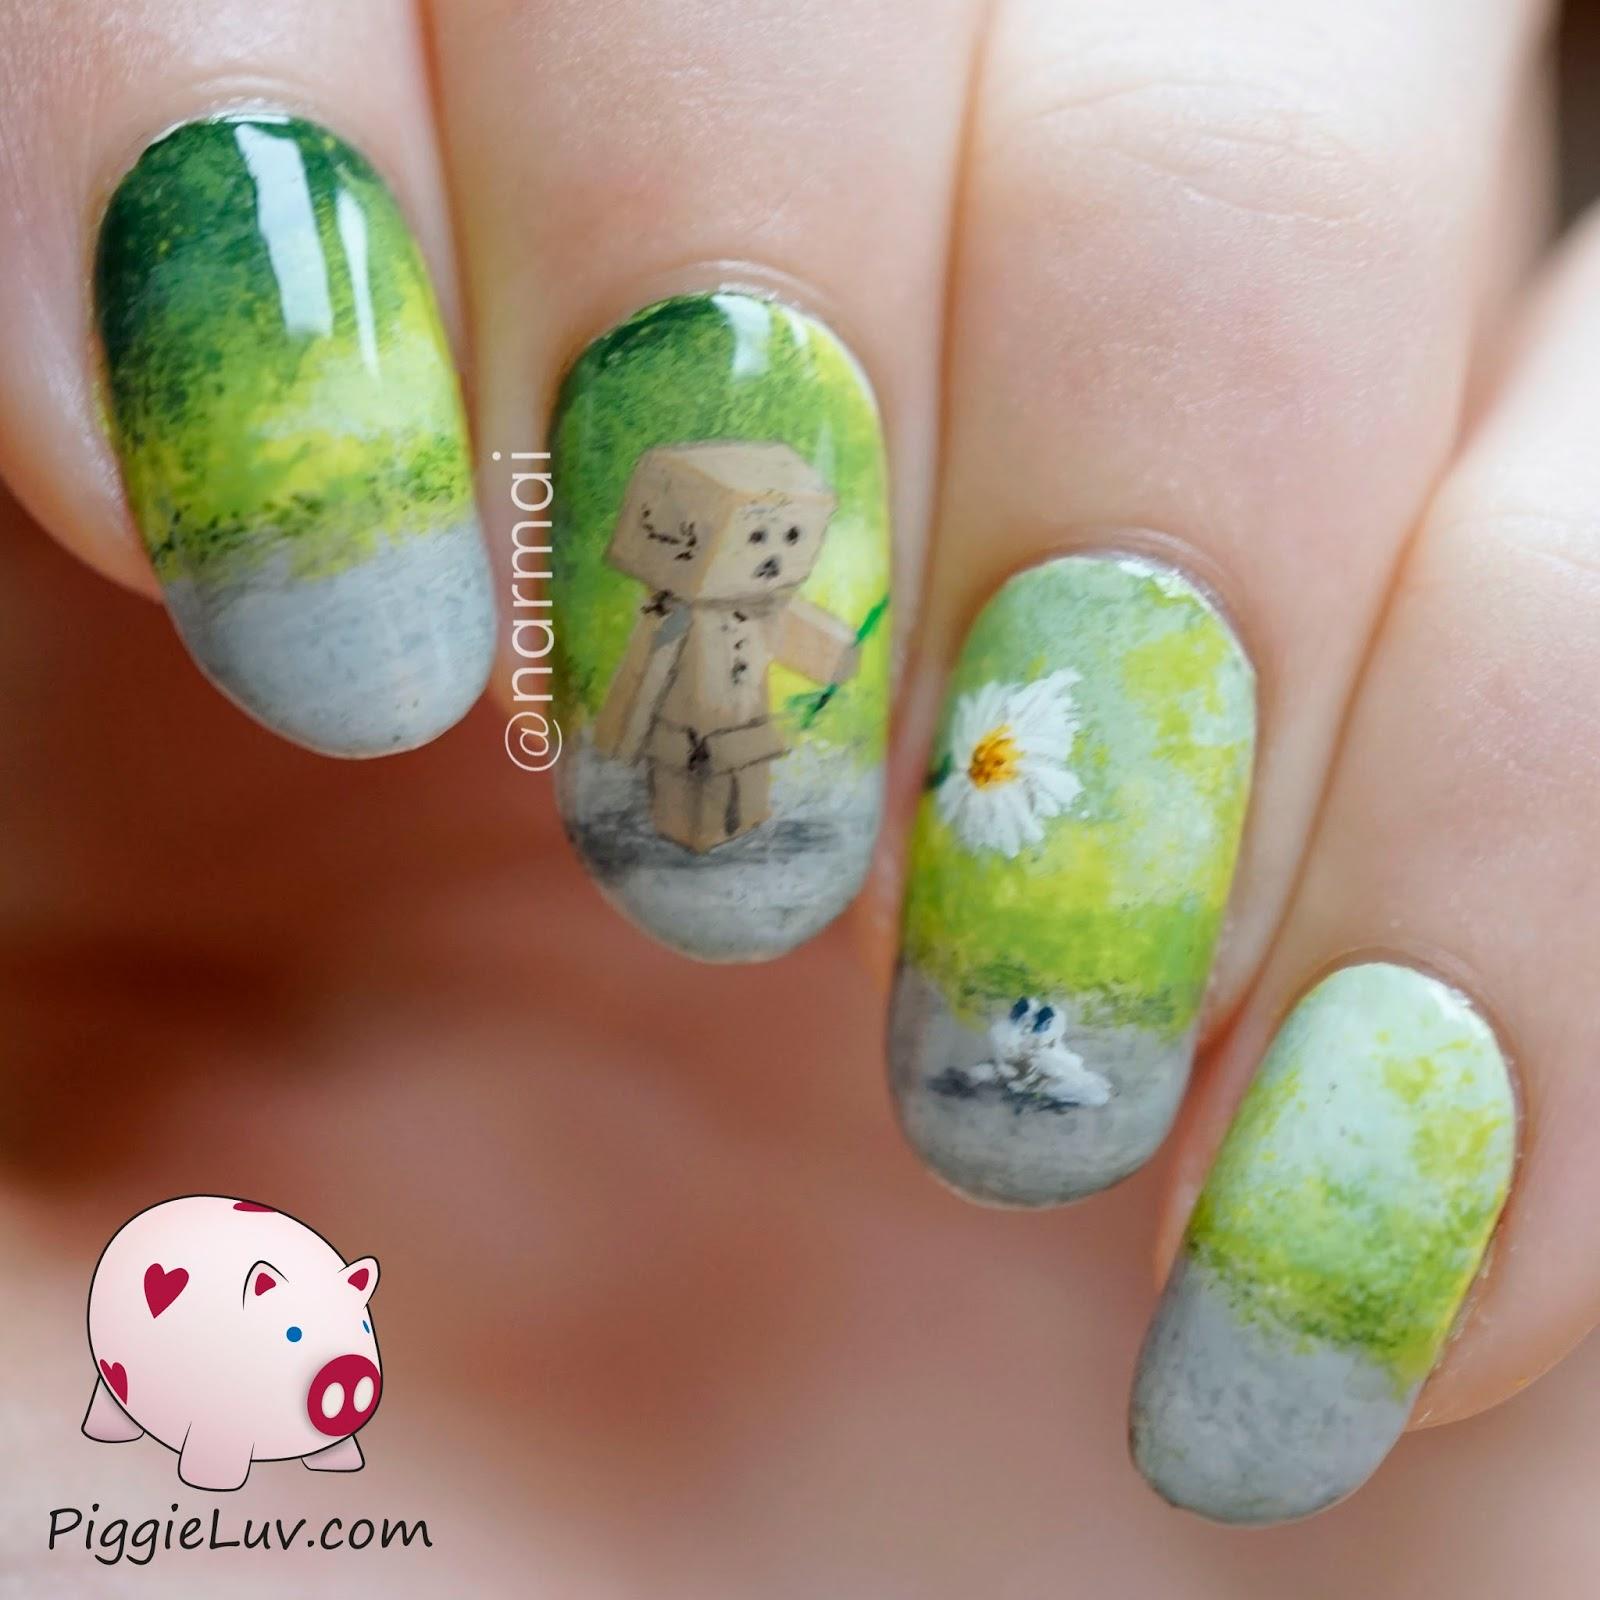 PiggieLuv: Danbo nail art, the cutest little robot